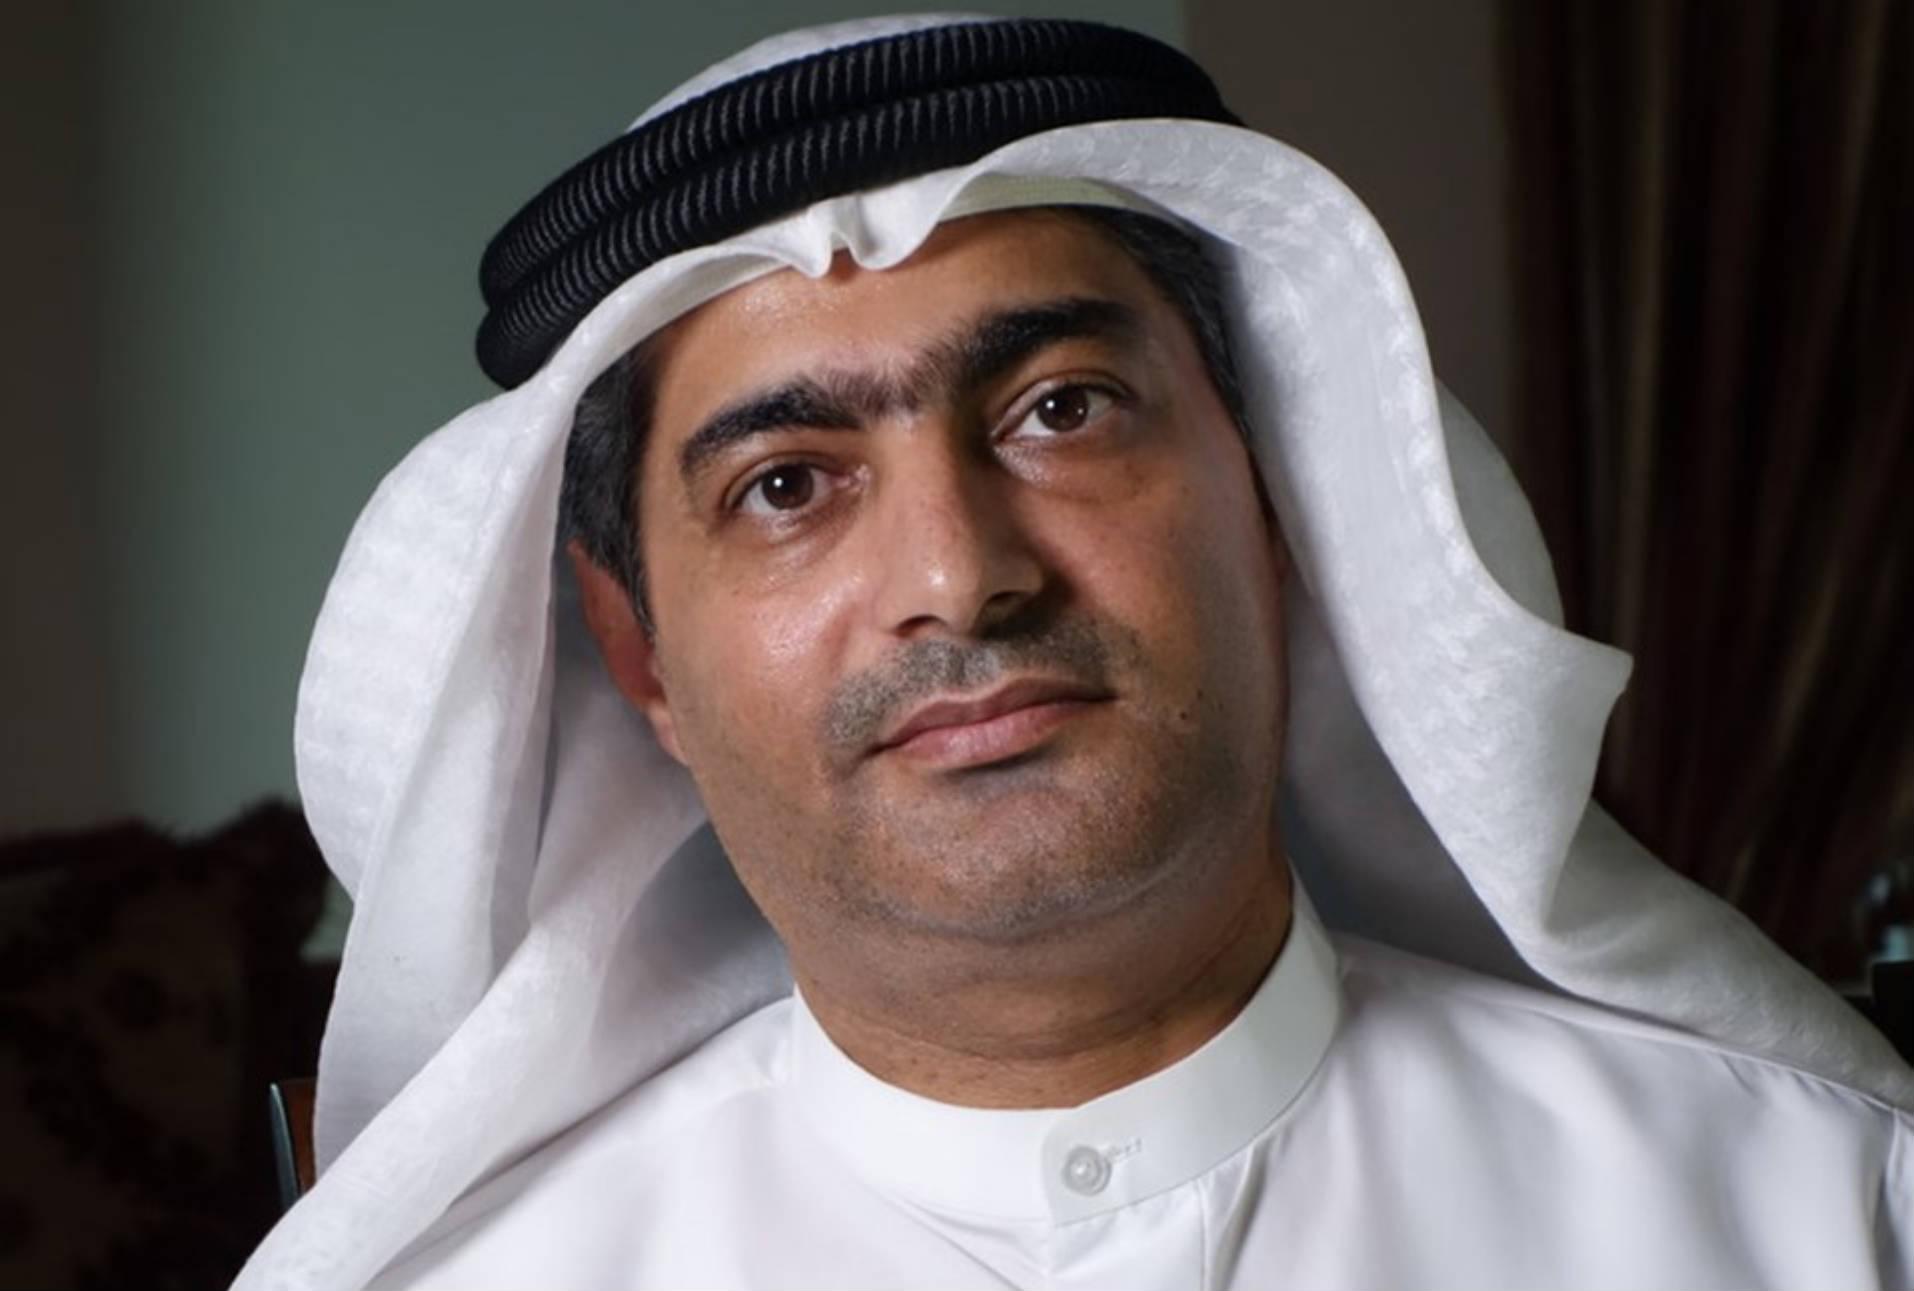 Ahmed Mansoor, el activista que ayudó a descubrir el malware Pegasus, está encarcelado